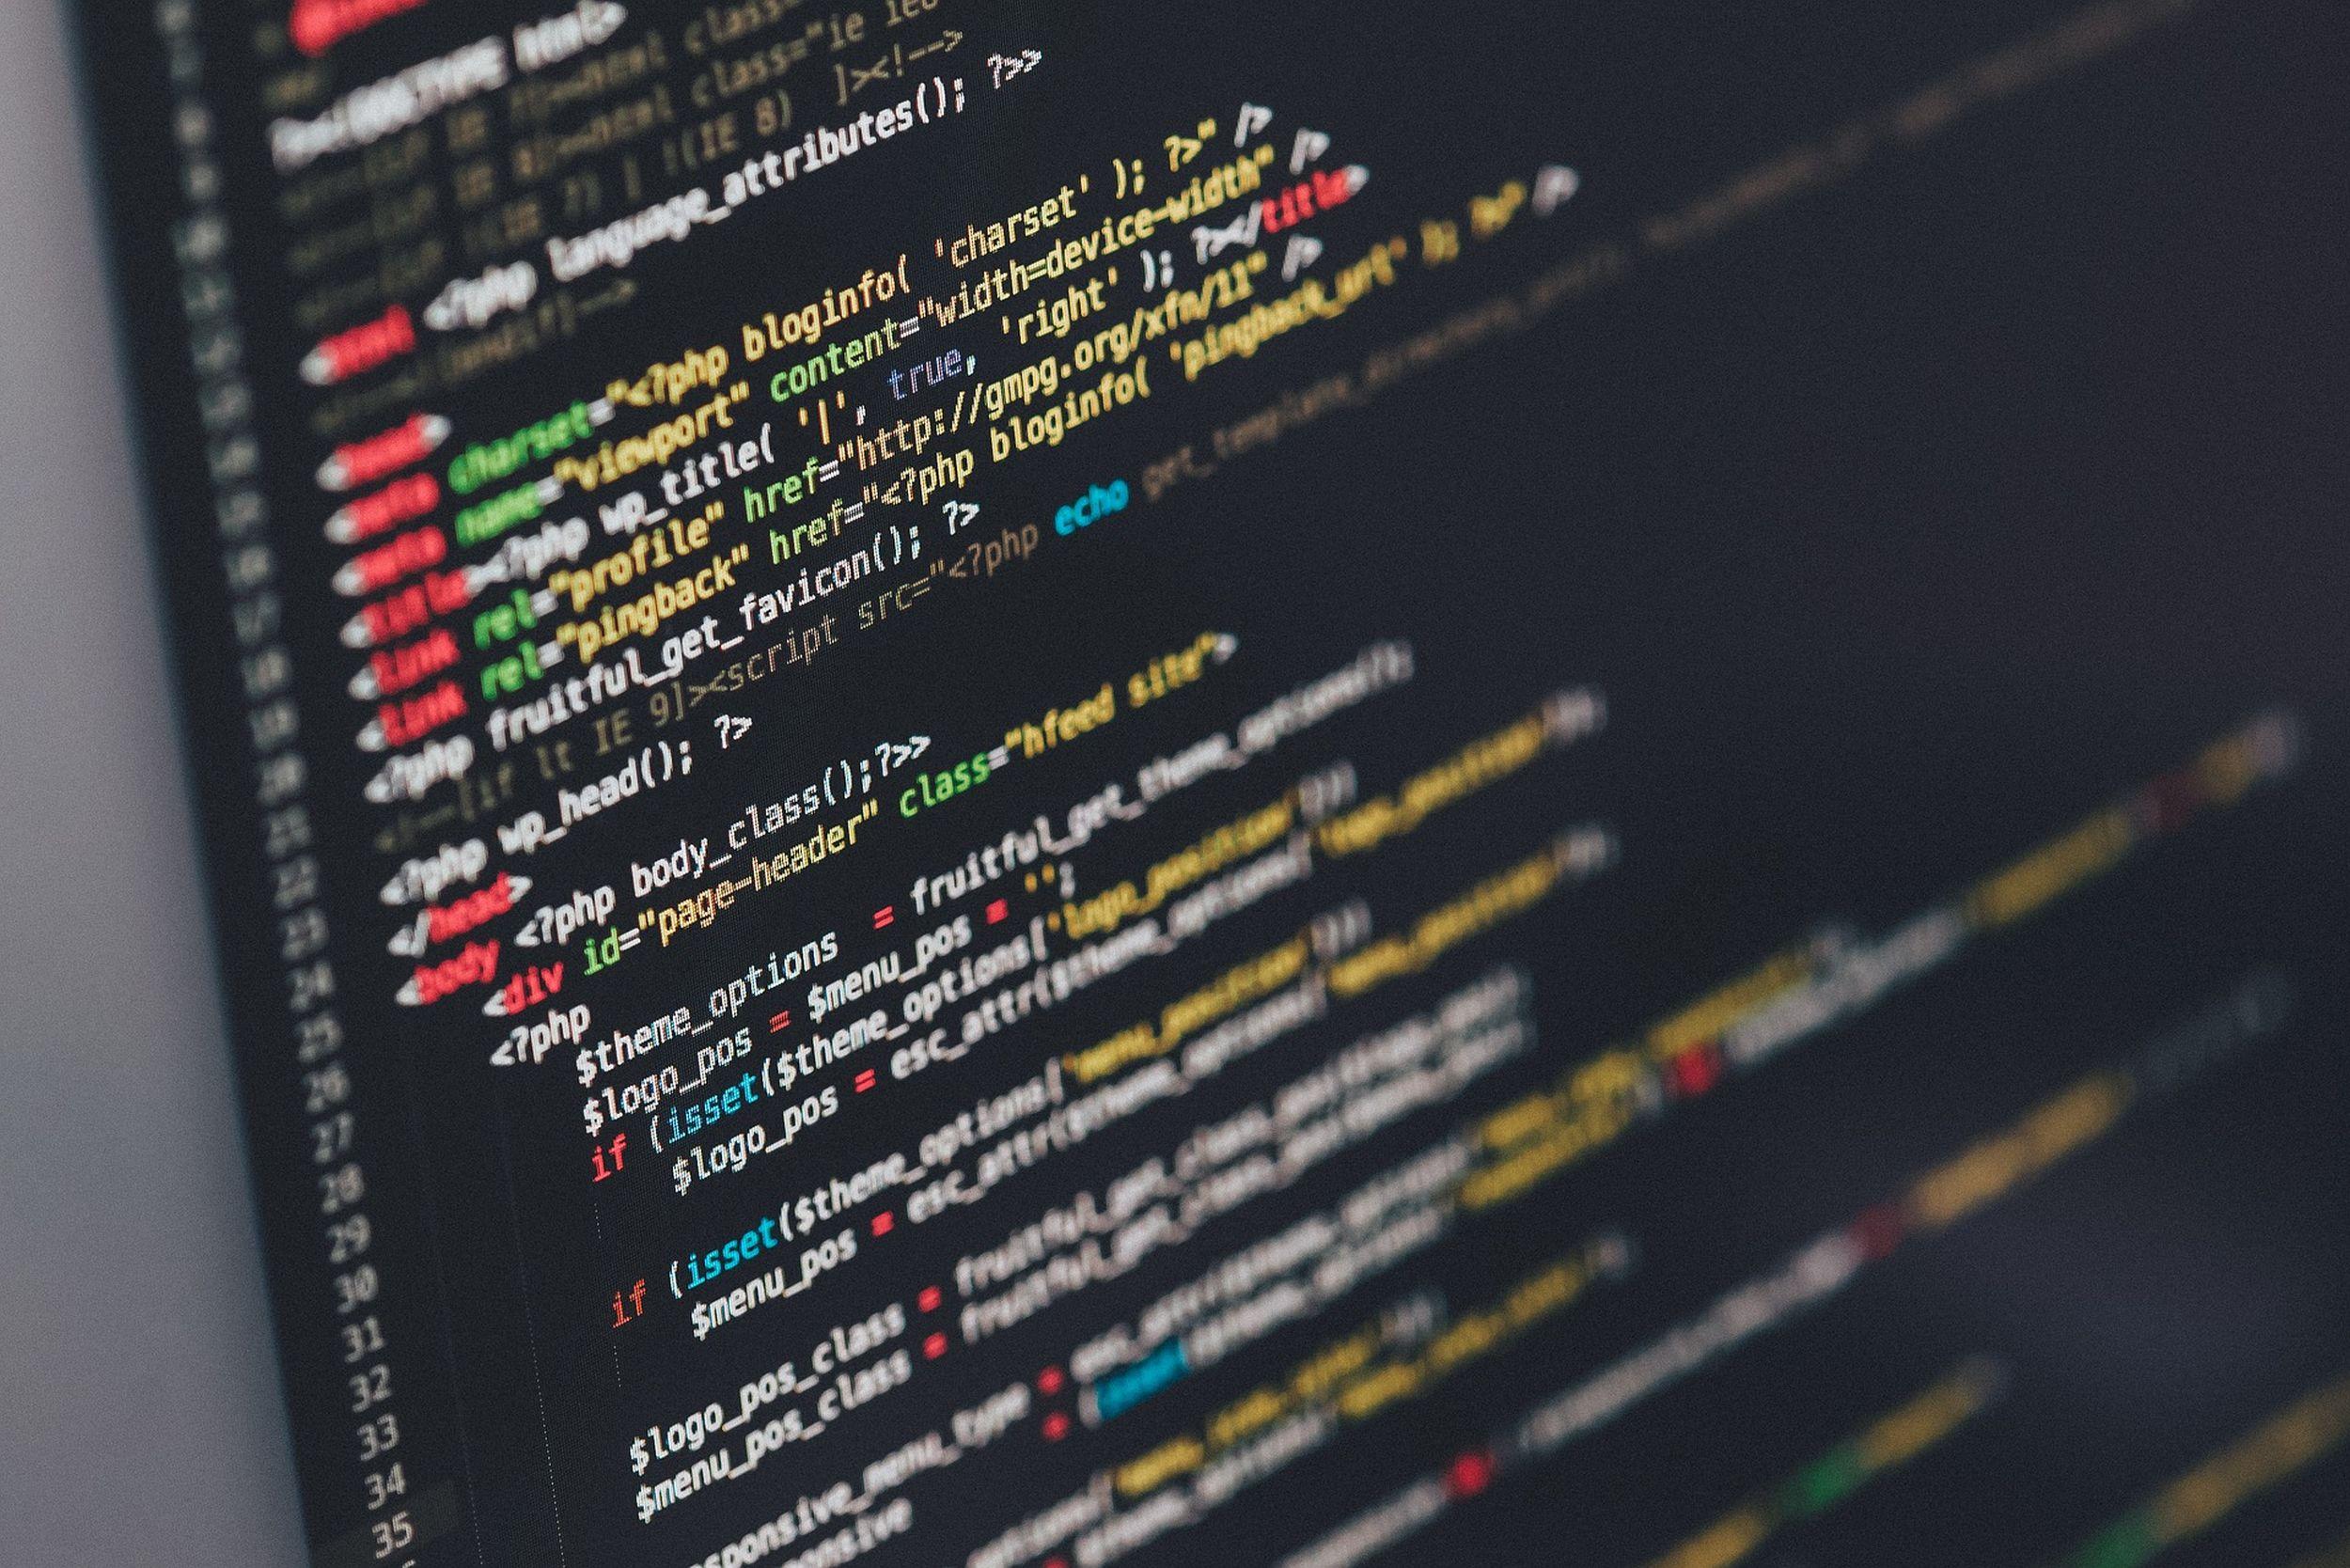 Best PHP Development services in Chandigarh